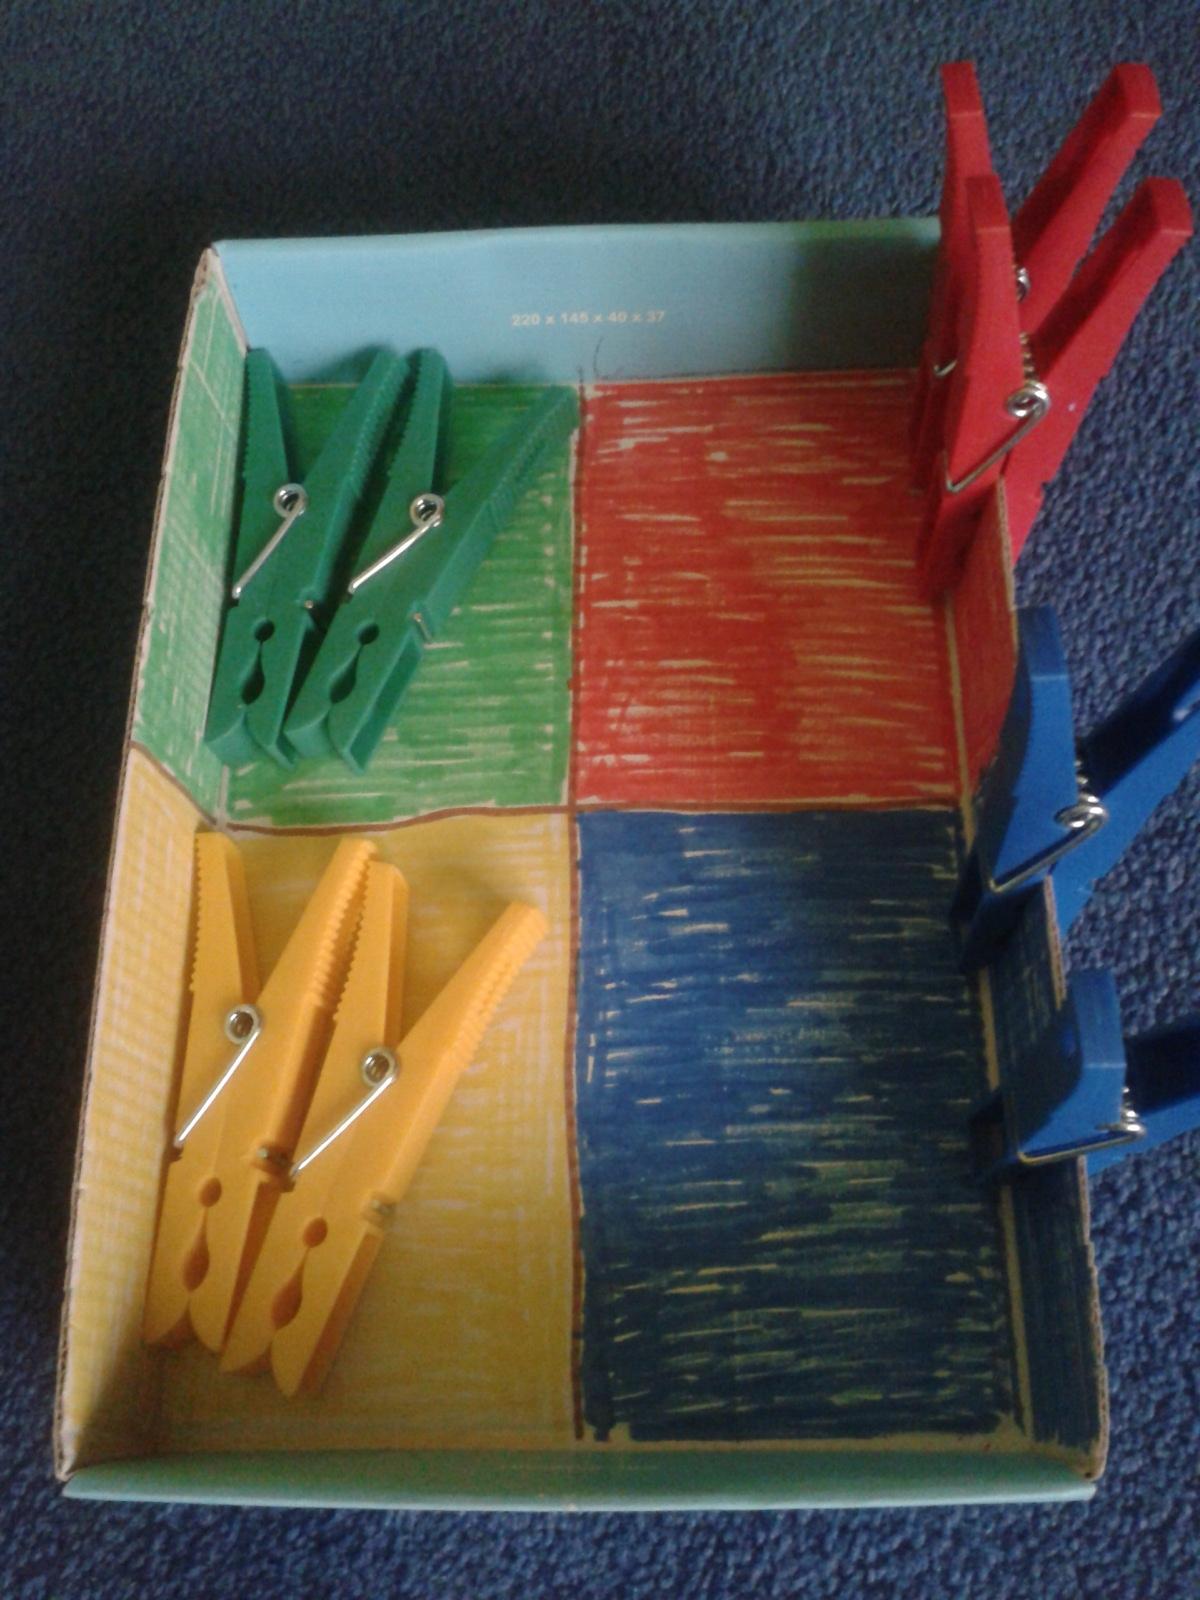 Armando nuestro puzzle material teach trabajamos - Materiales para pintar ...